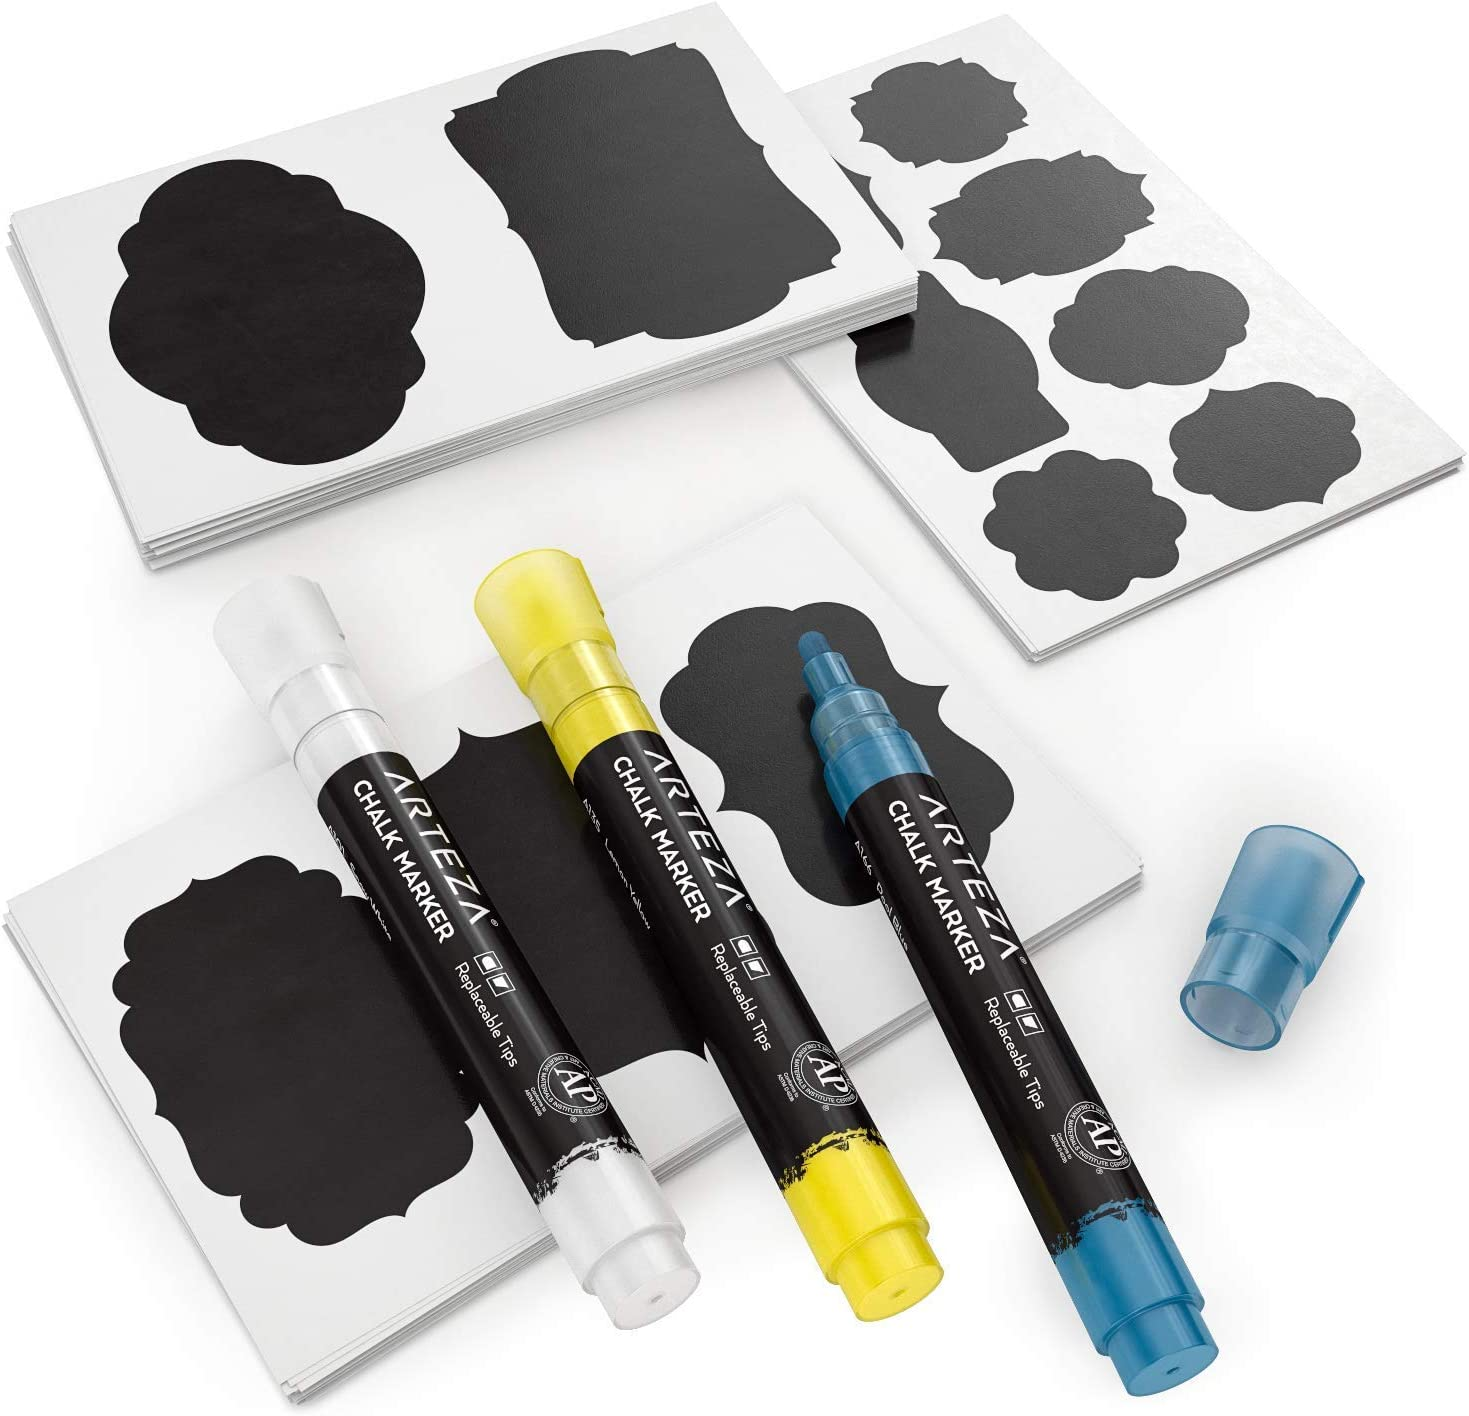 Arteza 150 Etiquetas adhesivas de pizarra + 3 rotuladores de tiza líquida de colores, juego de pegatinas de pizarra extraíbles e impermeables para tarros de cocina y manualidades